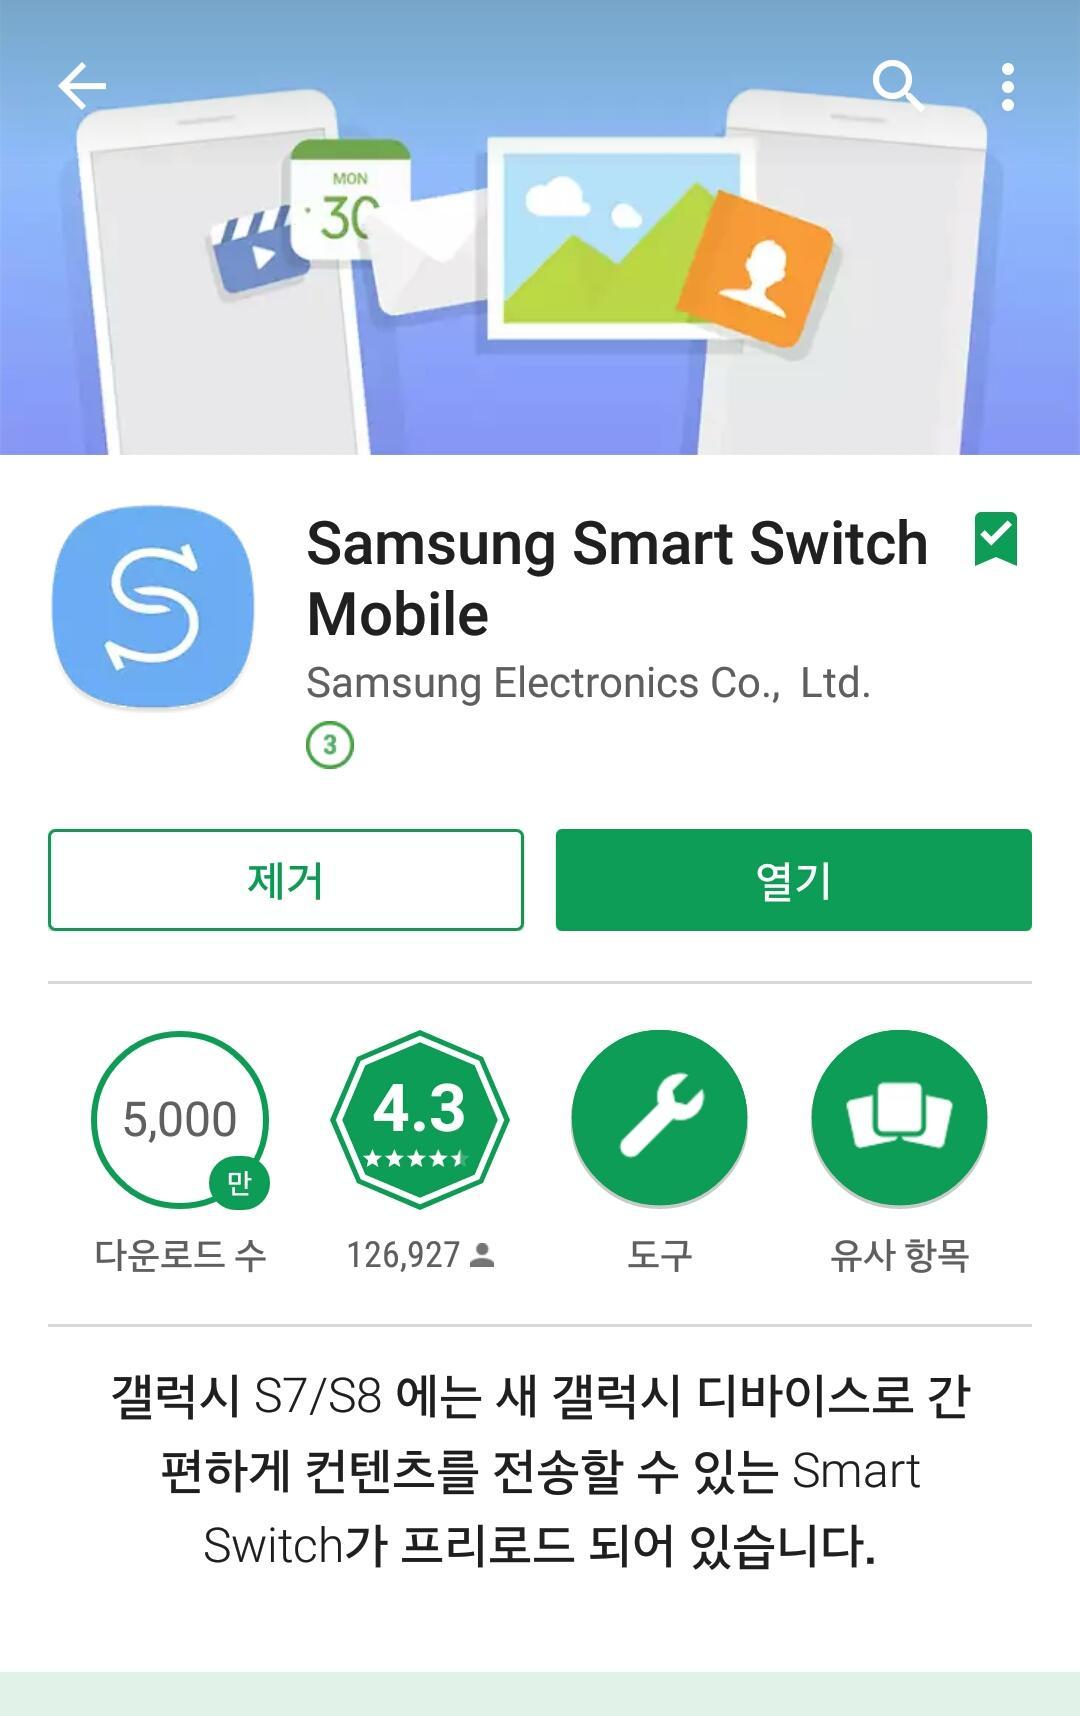 스마트스위치 - 갤럭시 휴대폰 데이터 이동